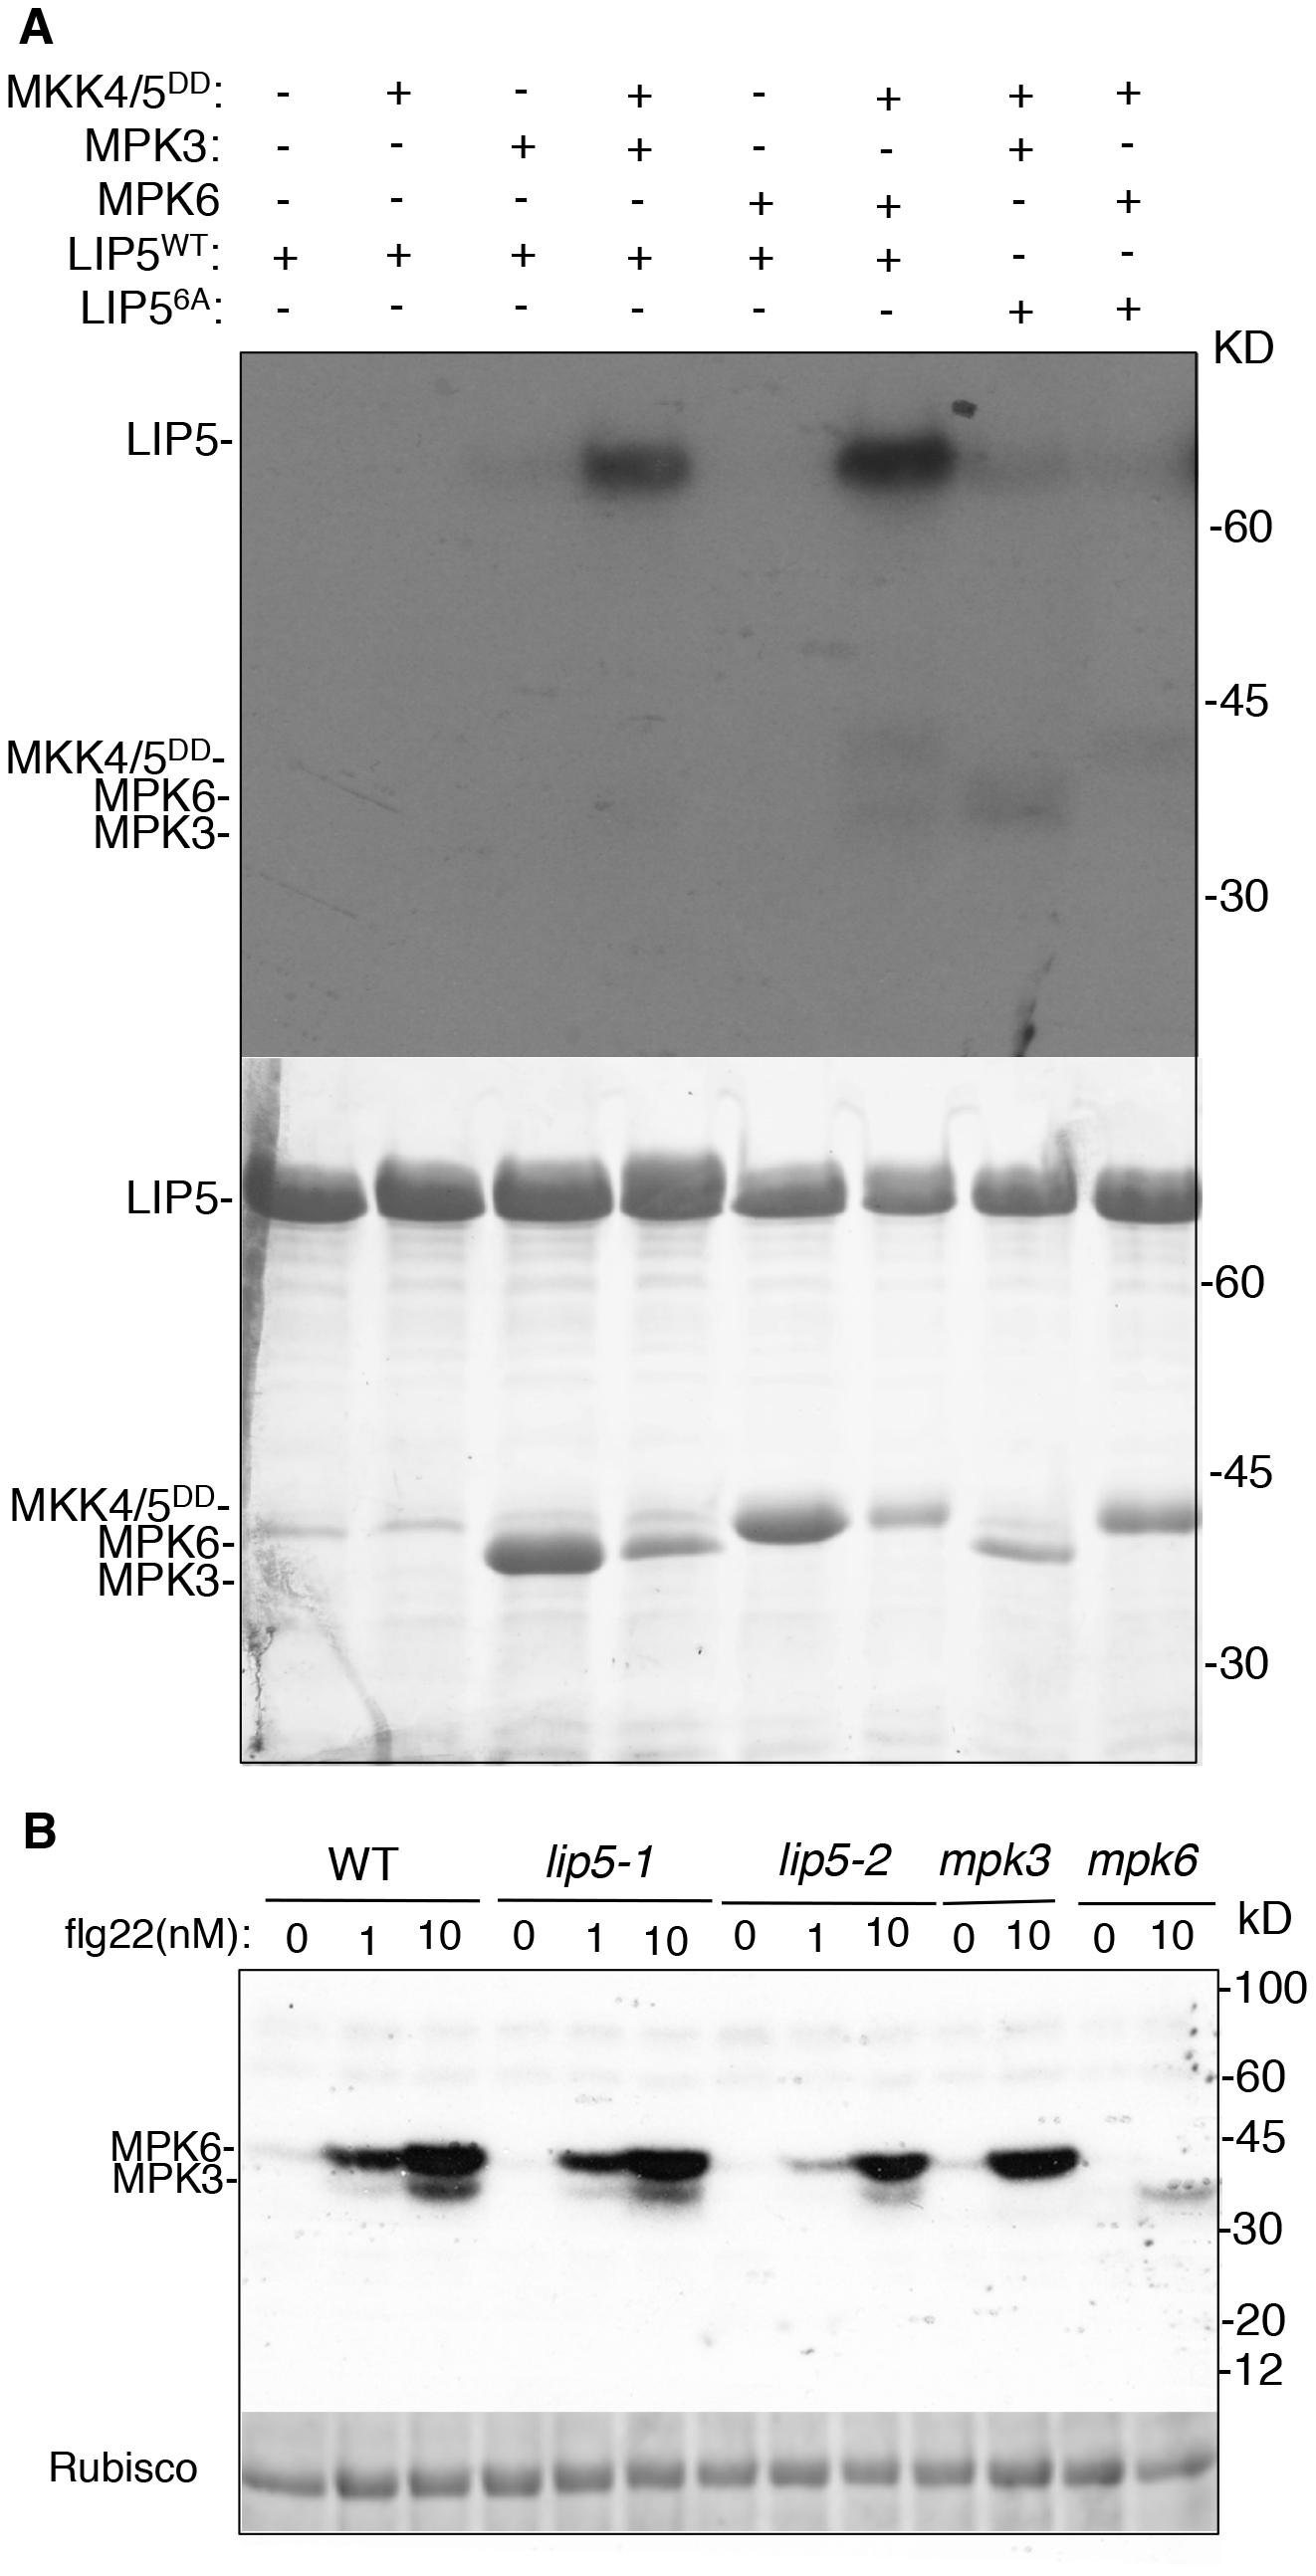 <i>In vitro</i> phosphorylation of LIP5 by MPK6 and MPK3.